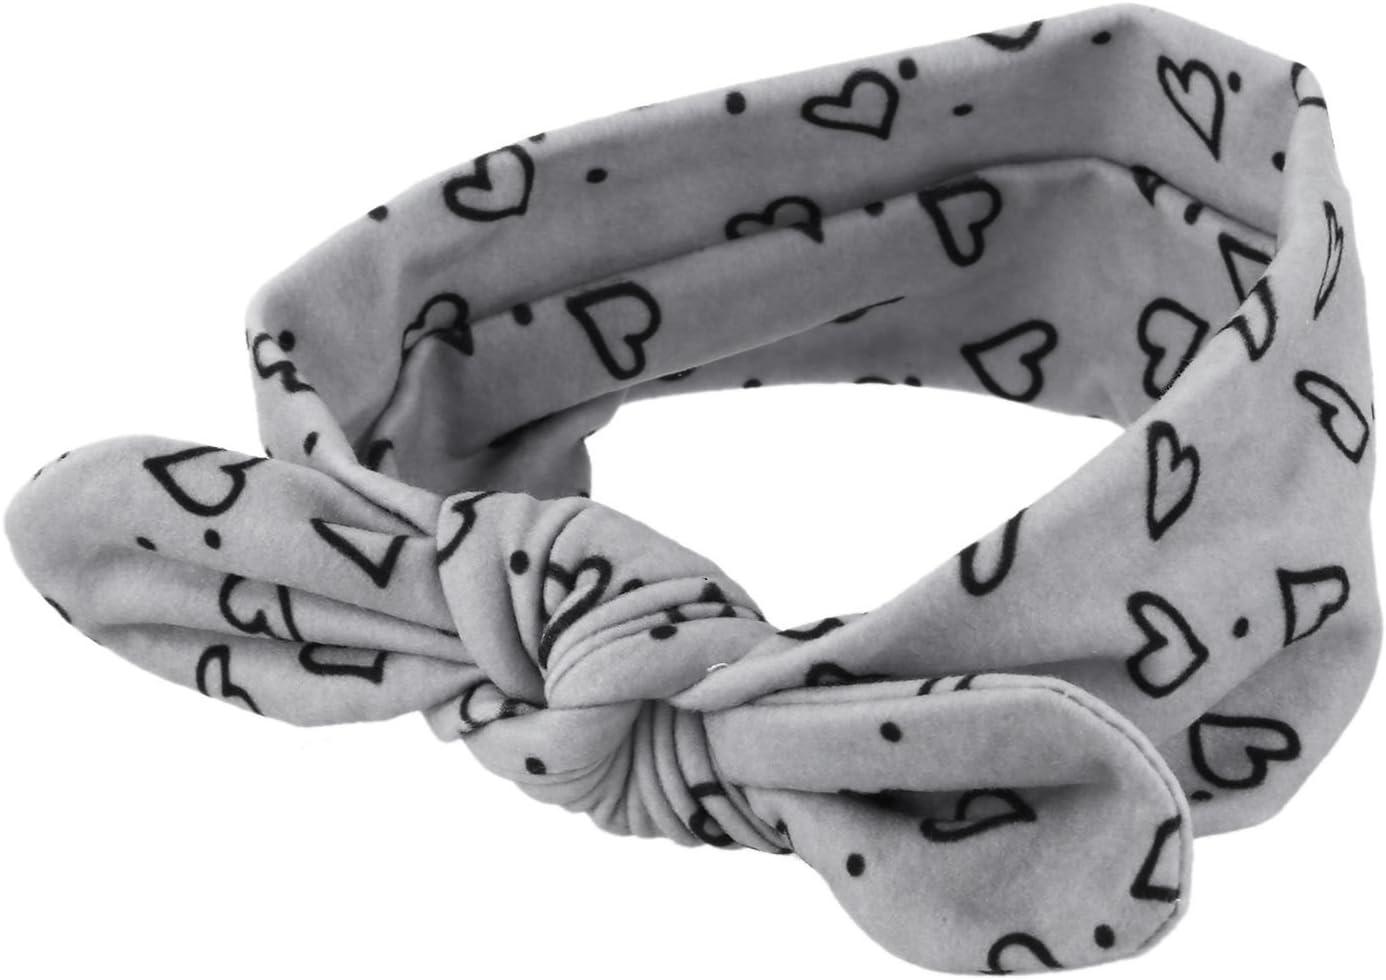 Diadema lazo de corazon elastico de orejas de conejo para bebe Yebobo Banda de pelo